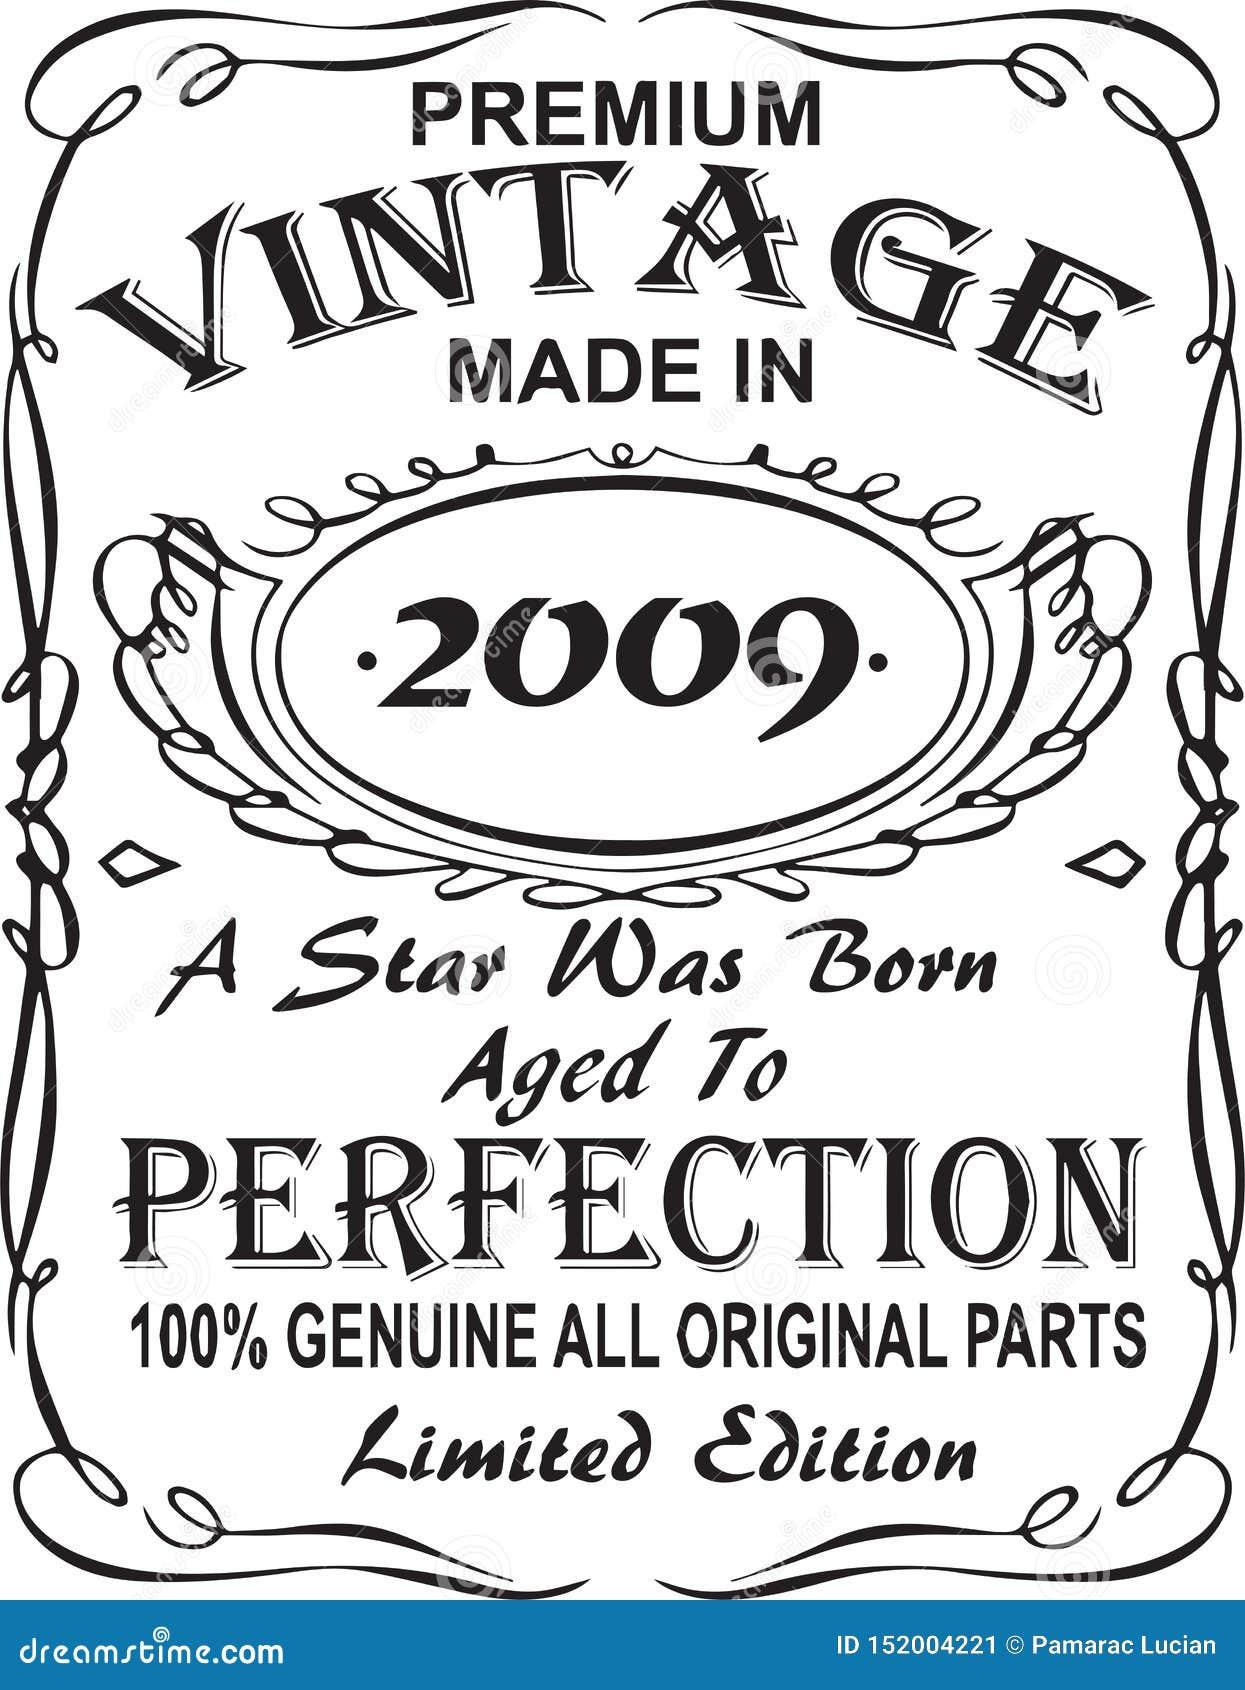 Vectorial T-Shirt Druckentwurf Erstklassige Weinlese machte im Jahre 2009 einen Stern wurde getragen alterte zu Perfektion echtes